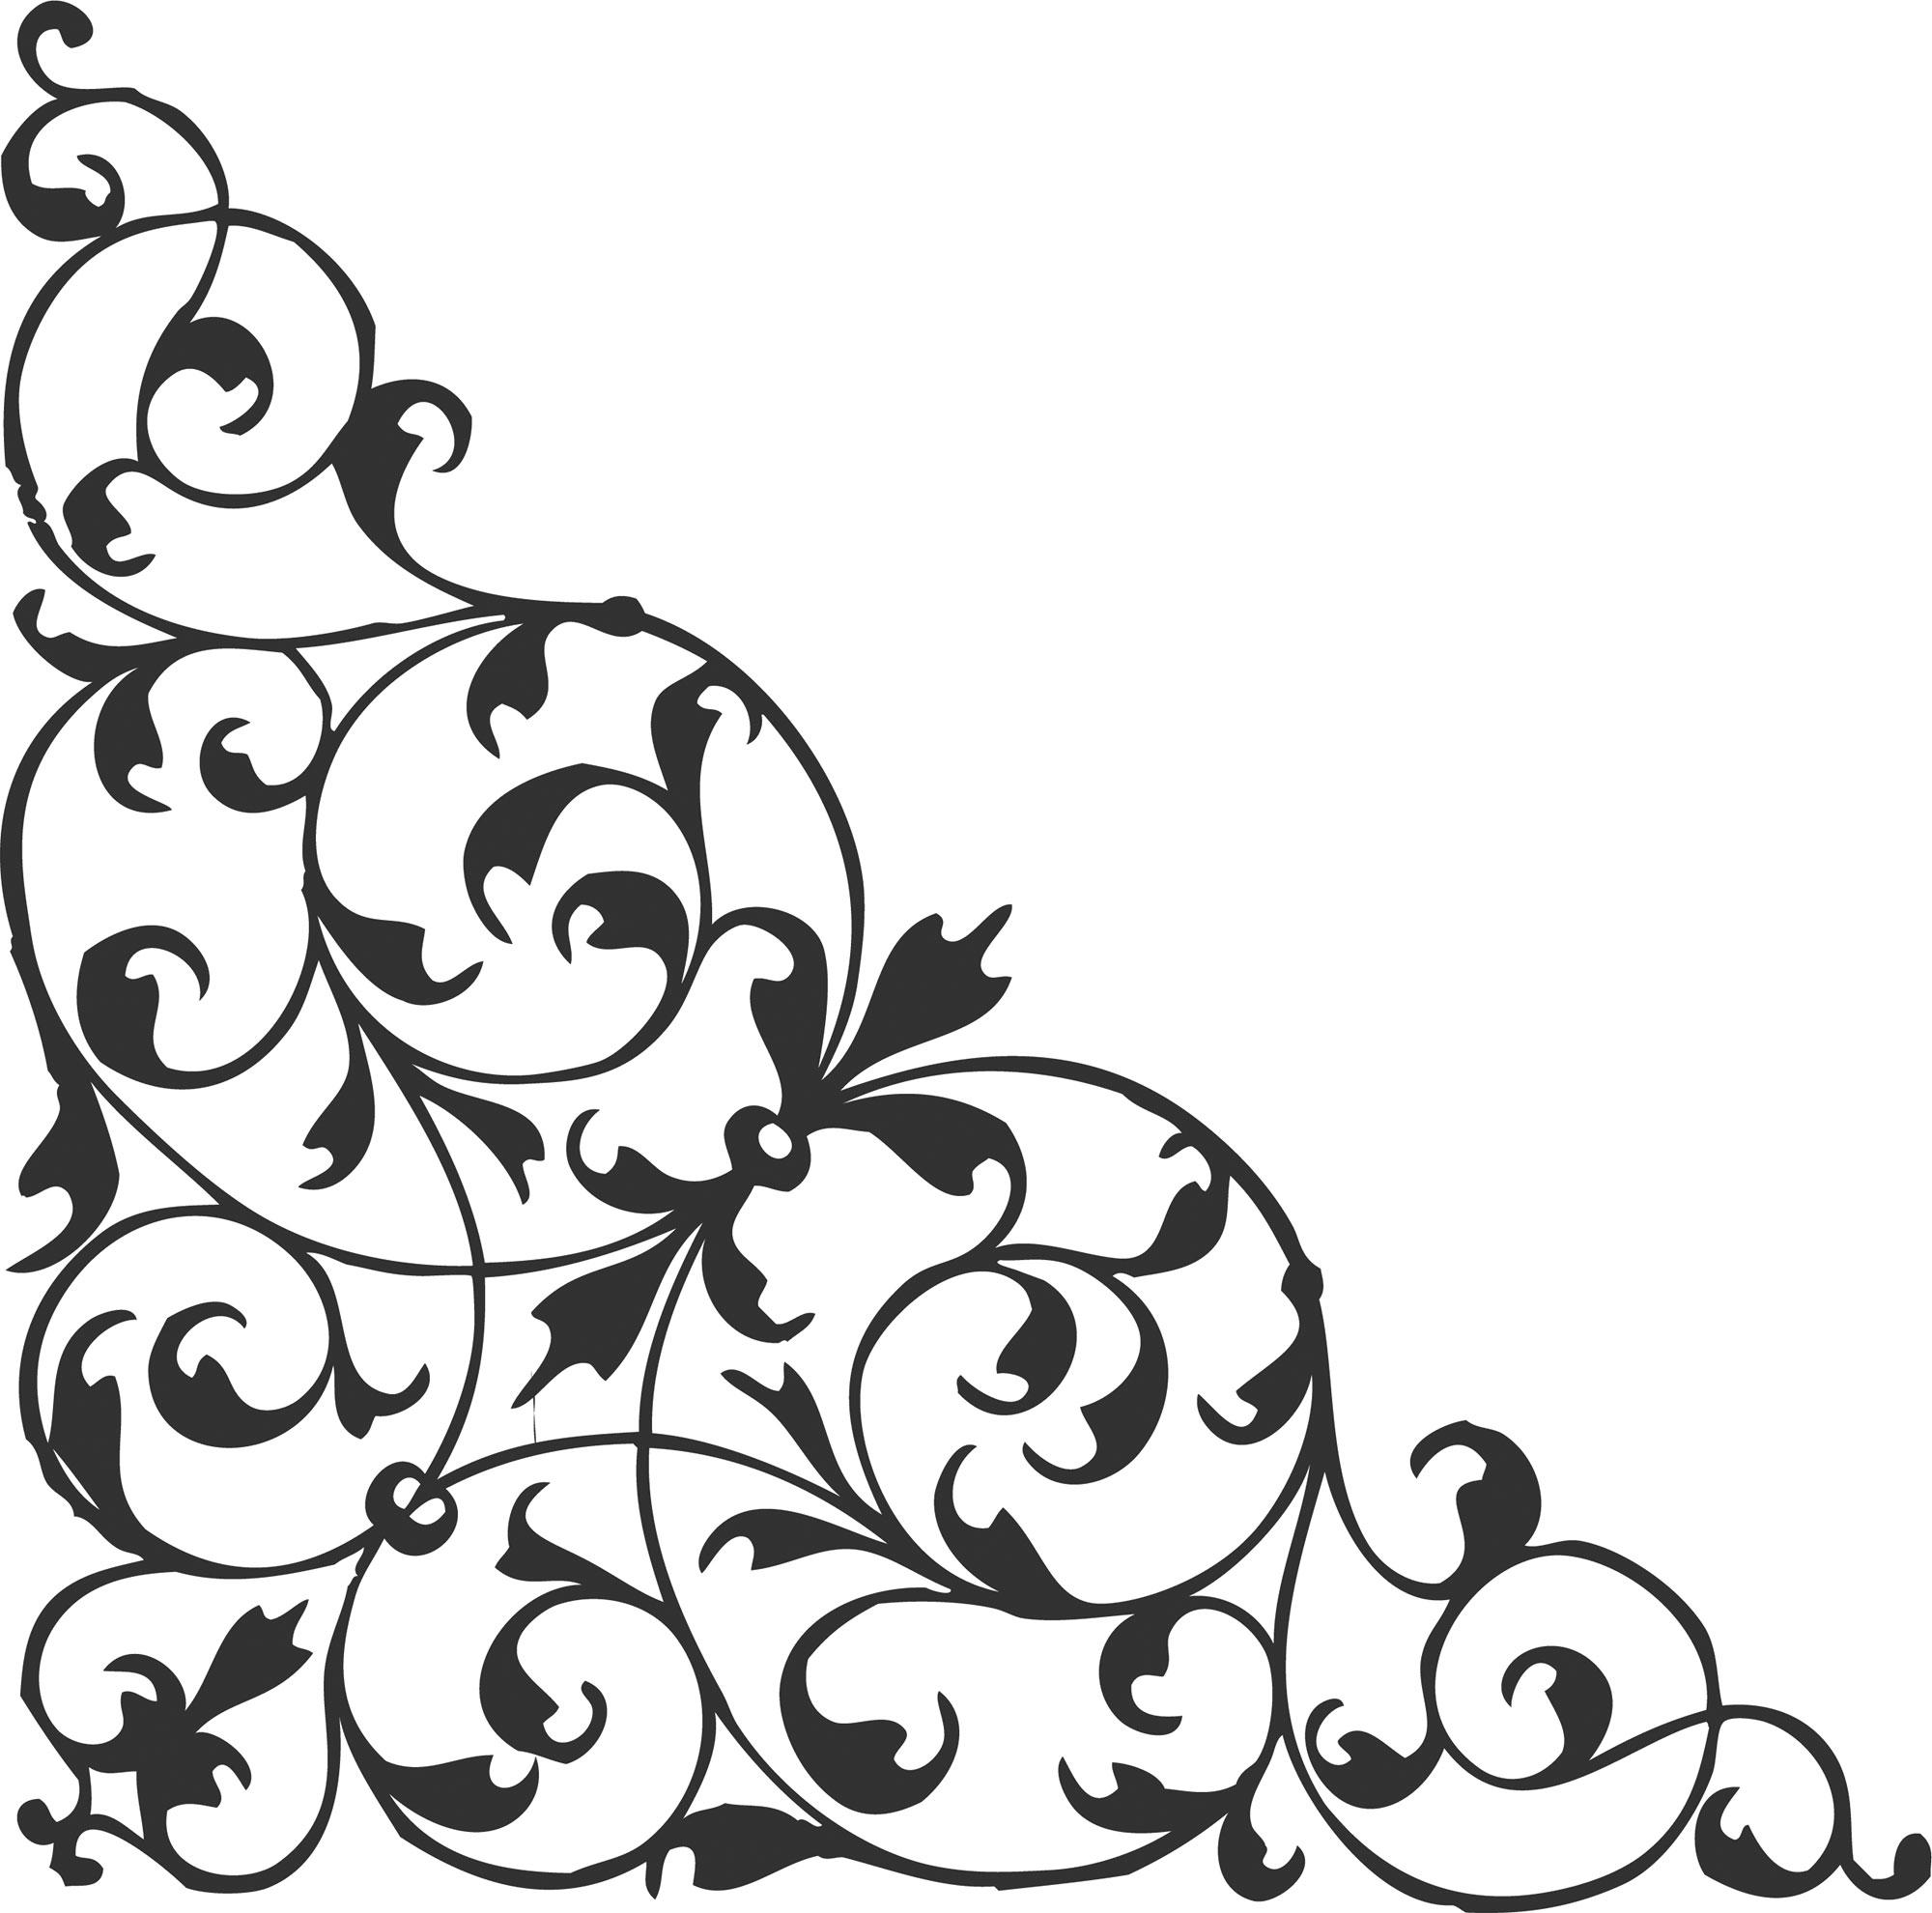 葉っぱや草木のイラスト『白黒・モノクロ2』/無料のフリー素材集【百花